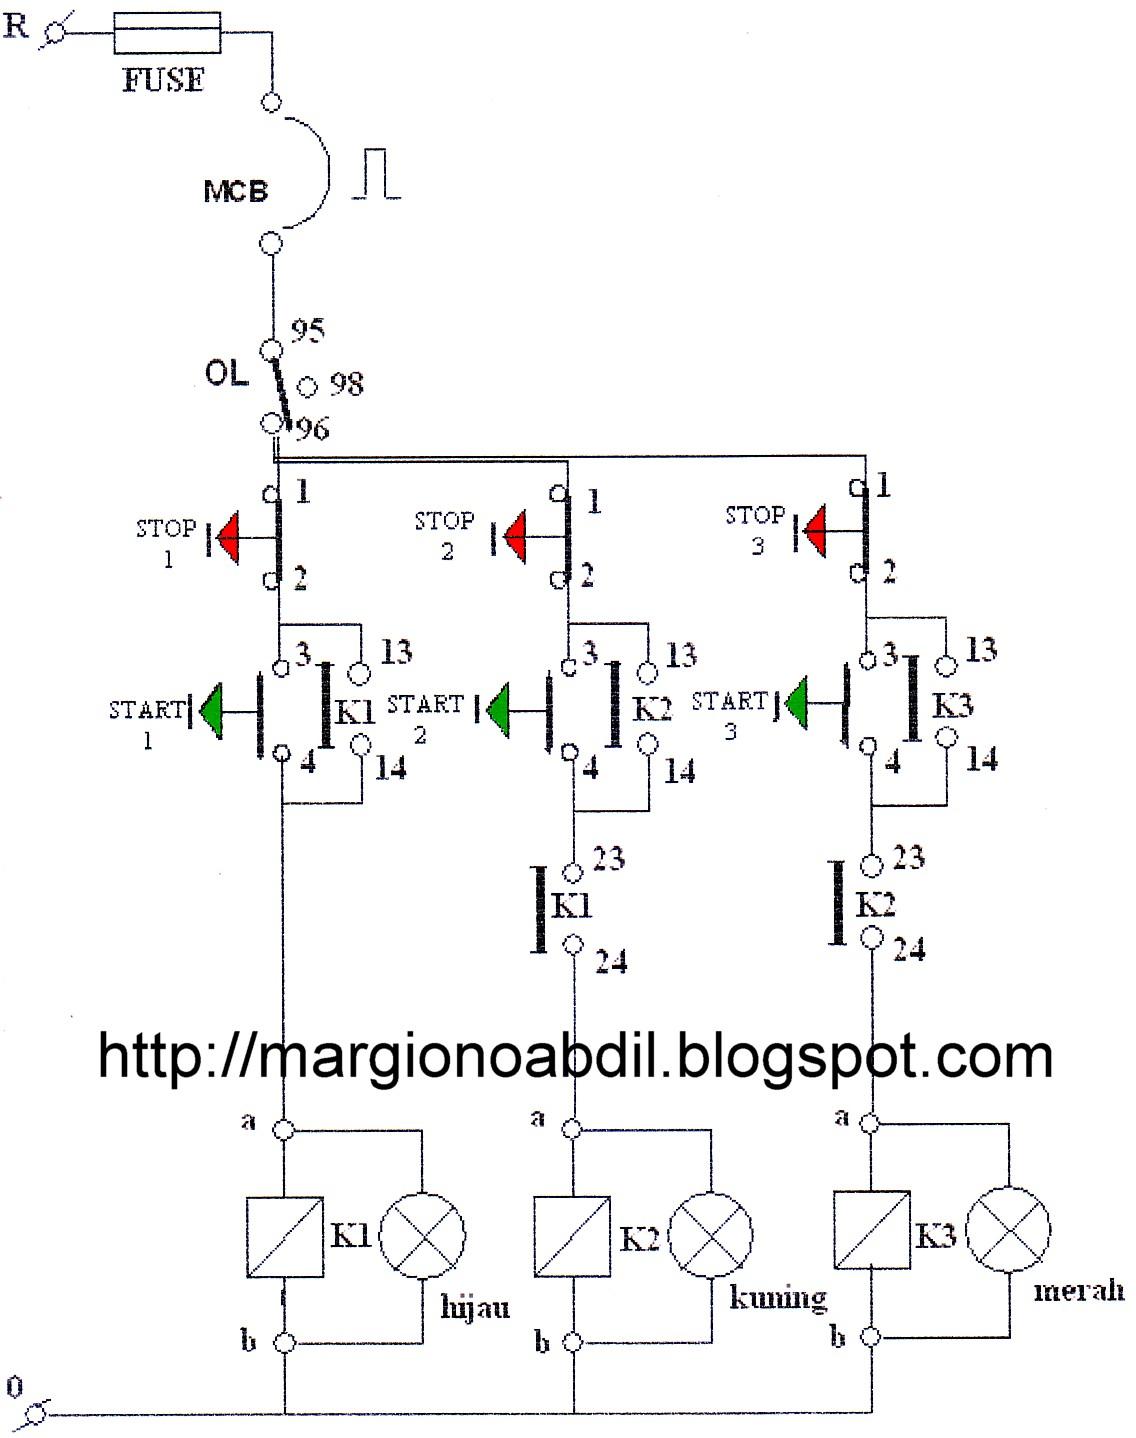 Bagirgiono abdil ber pengendalian 3 buah motor induksi 3 fasa dengan kontaktor magnet yang dapat bekerja dan berhenti secara berurutan manual lihat gambar 2 3 dan 4 di bawah ccuart Gallery